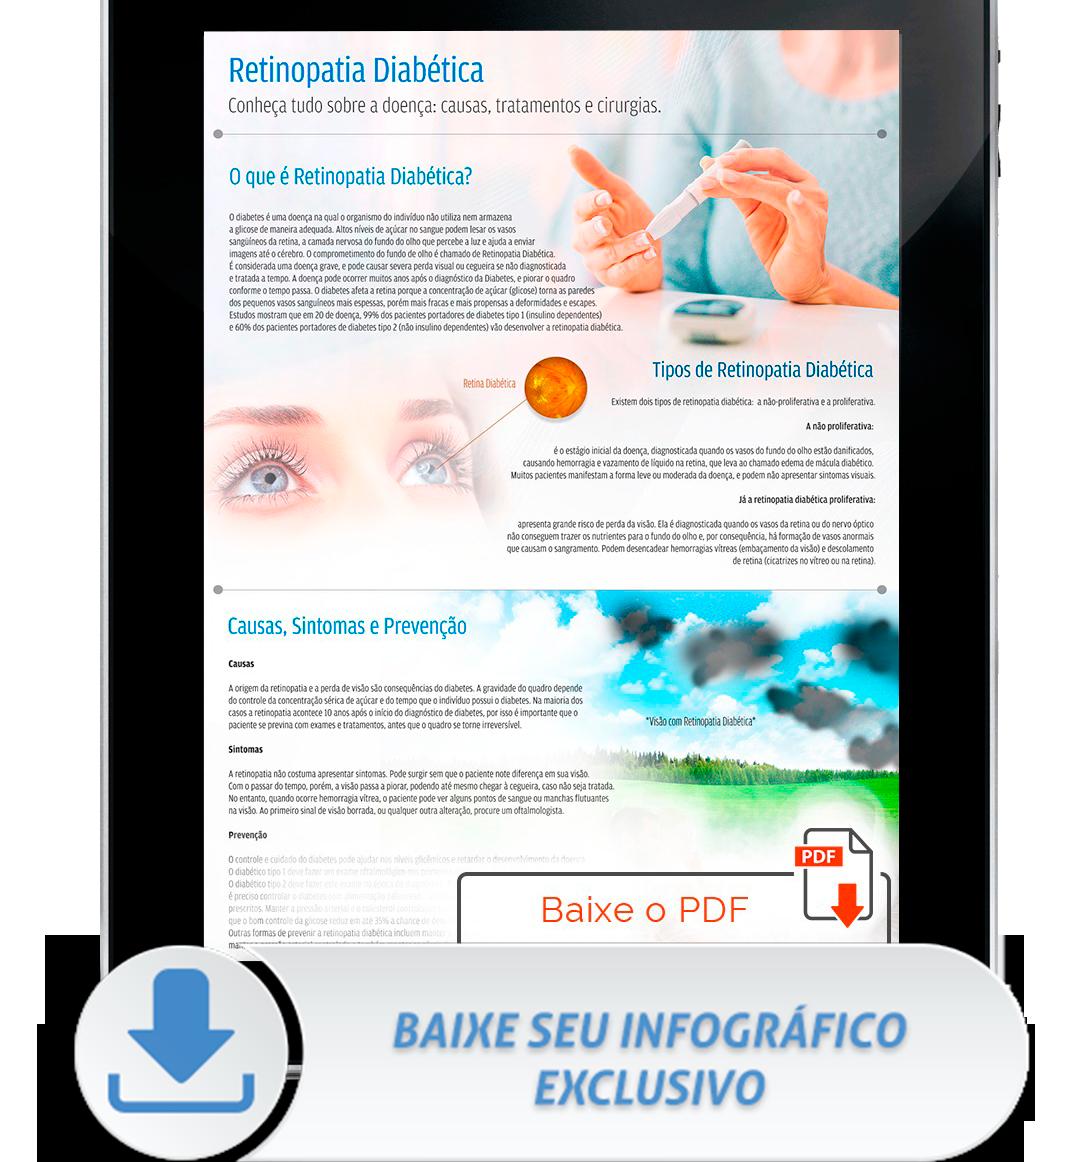 infografico-retinopatia-diabetica